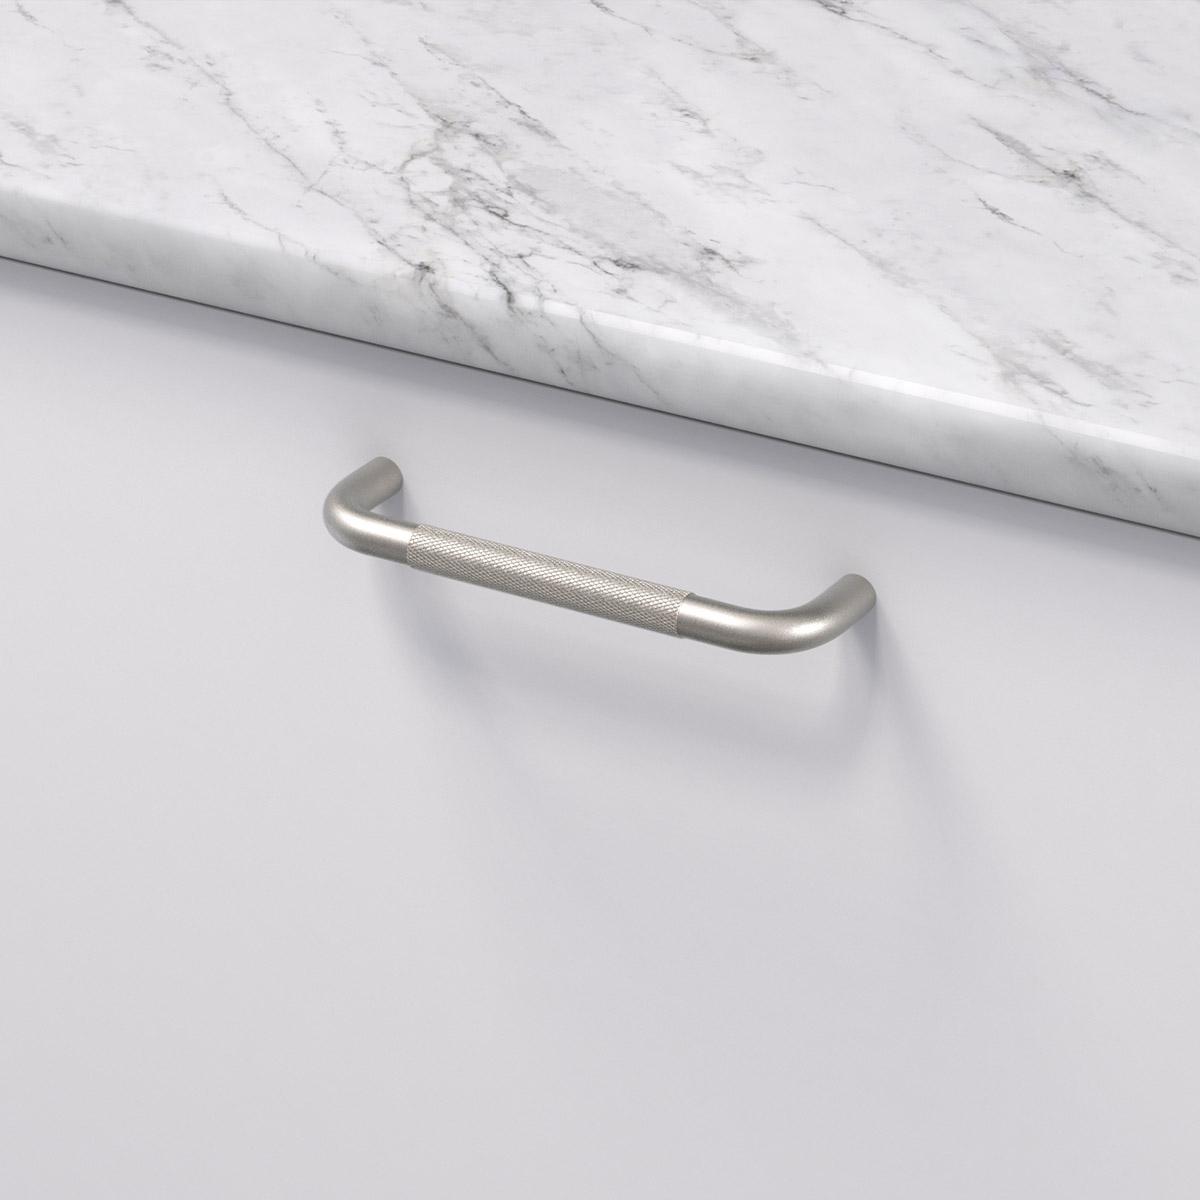 Handtag helix matt svart 309002 11 cc 128 mm ncs s 0300 n marmor carrara